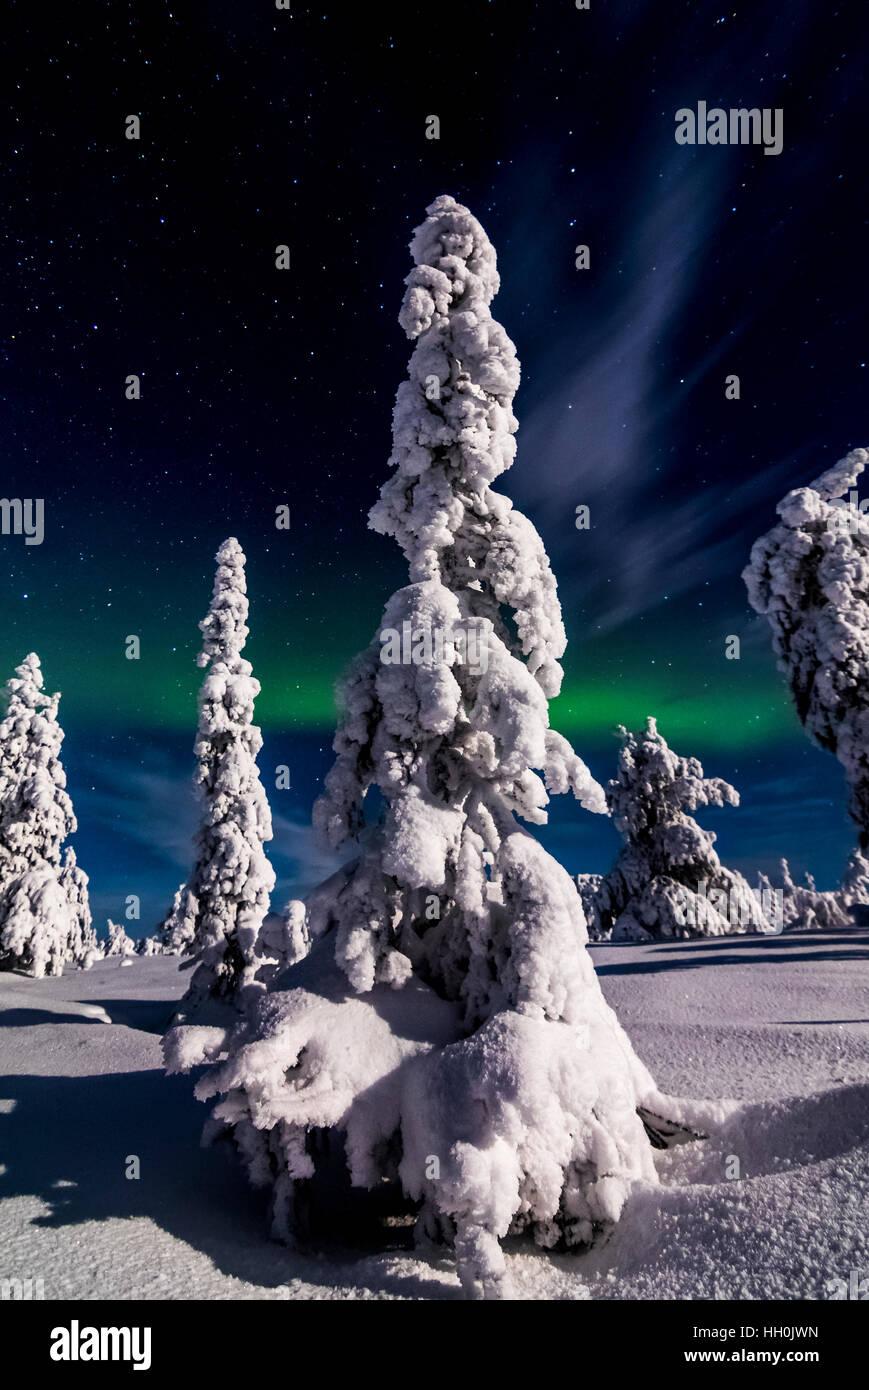 Nordlichter im Nationalpark Riisitunturi, Finnland Stockbild